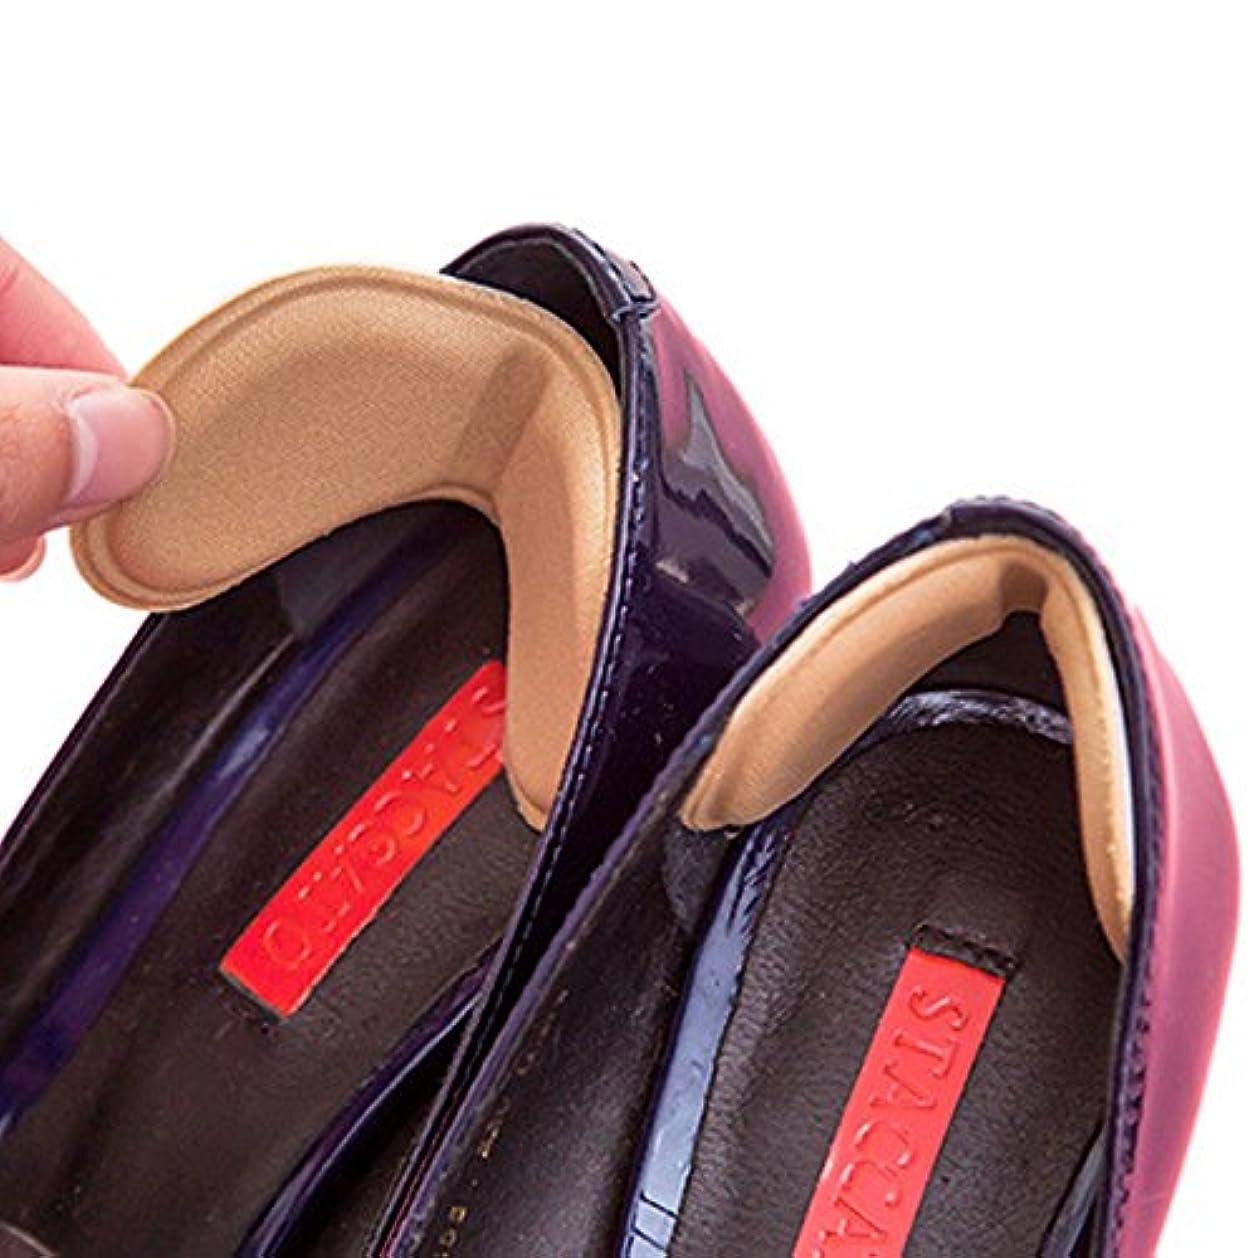 ペルセウスりんごくそー靴擦れ 半張りパッド 靴擦れ防止 防止かかと パカパカ防止 ハイヒール用 足裏保護 インソール 靴のサイズ調整 四組入り